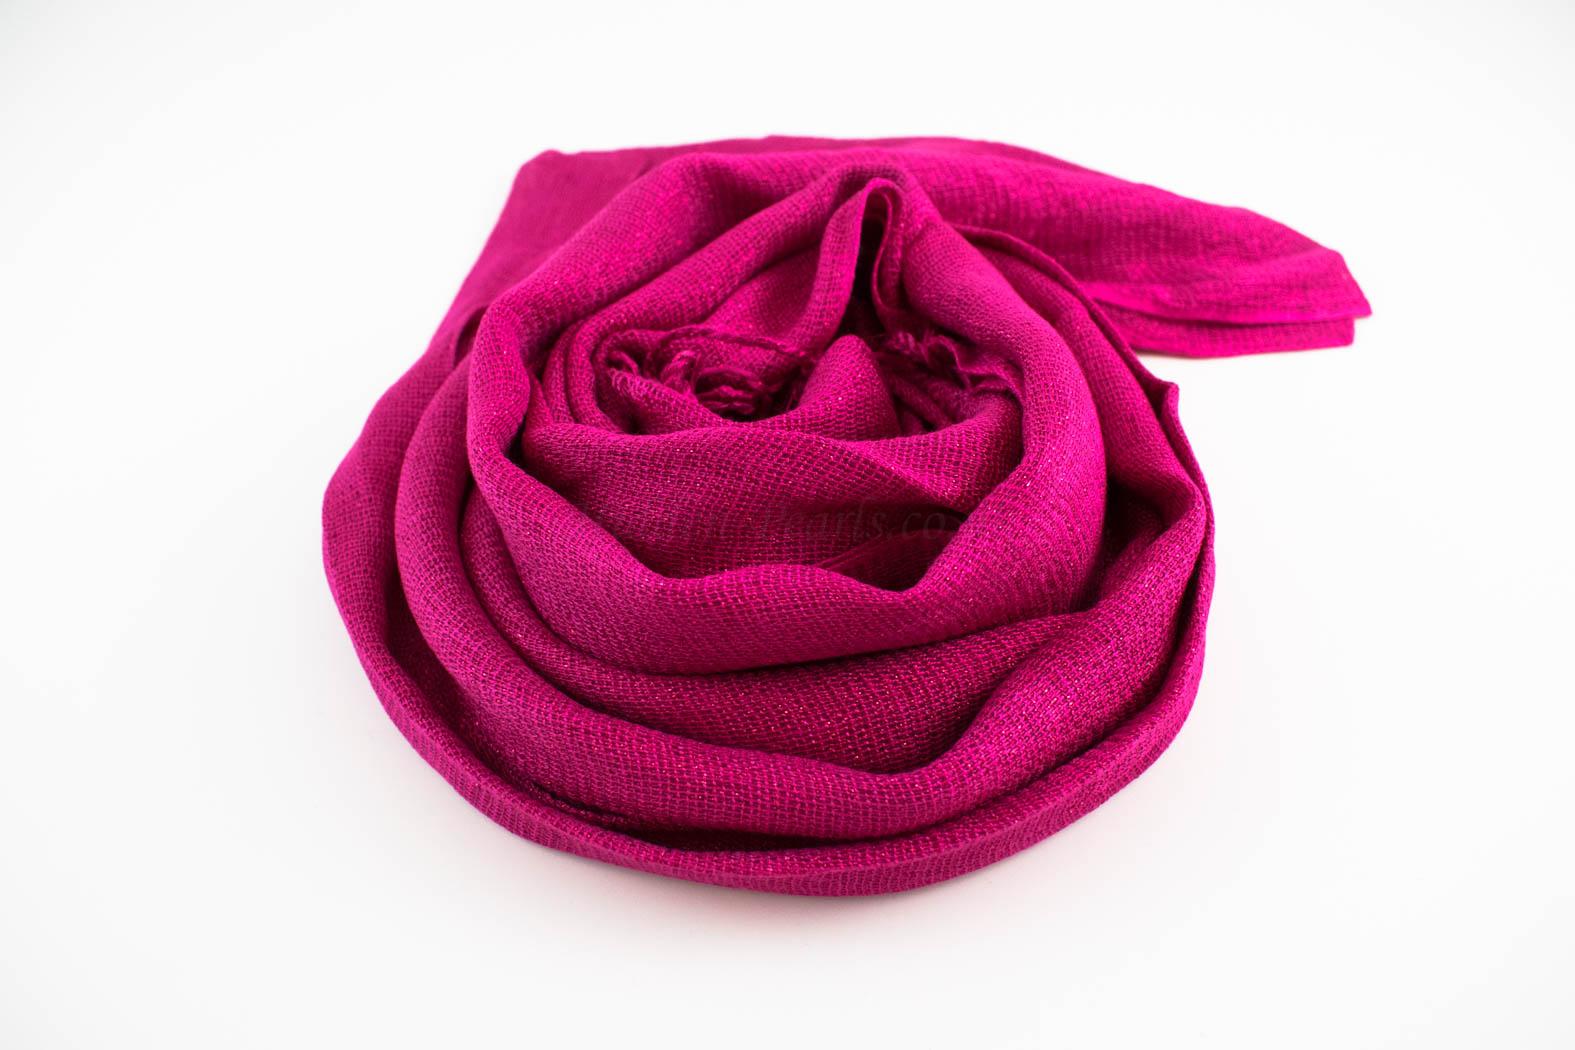 Shimmer Hijab Shocking Pink 2